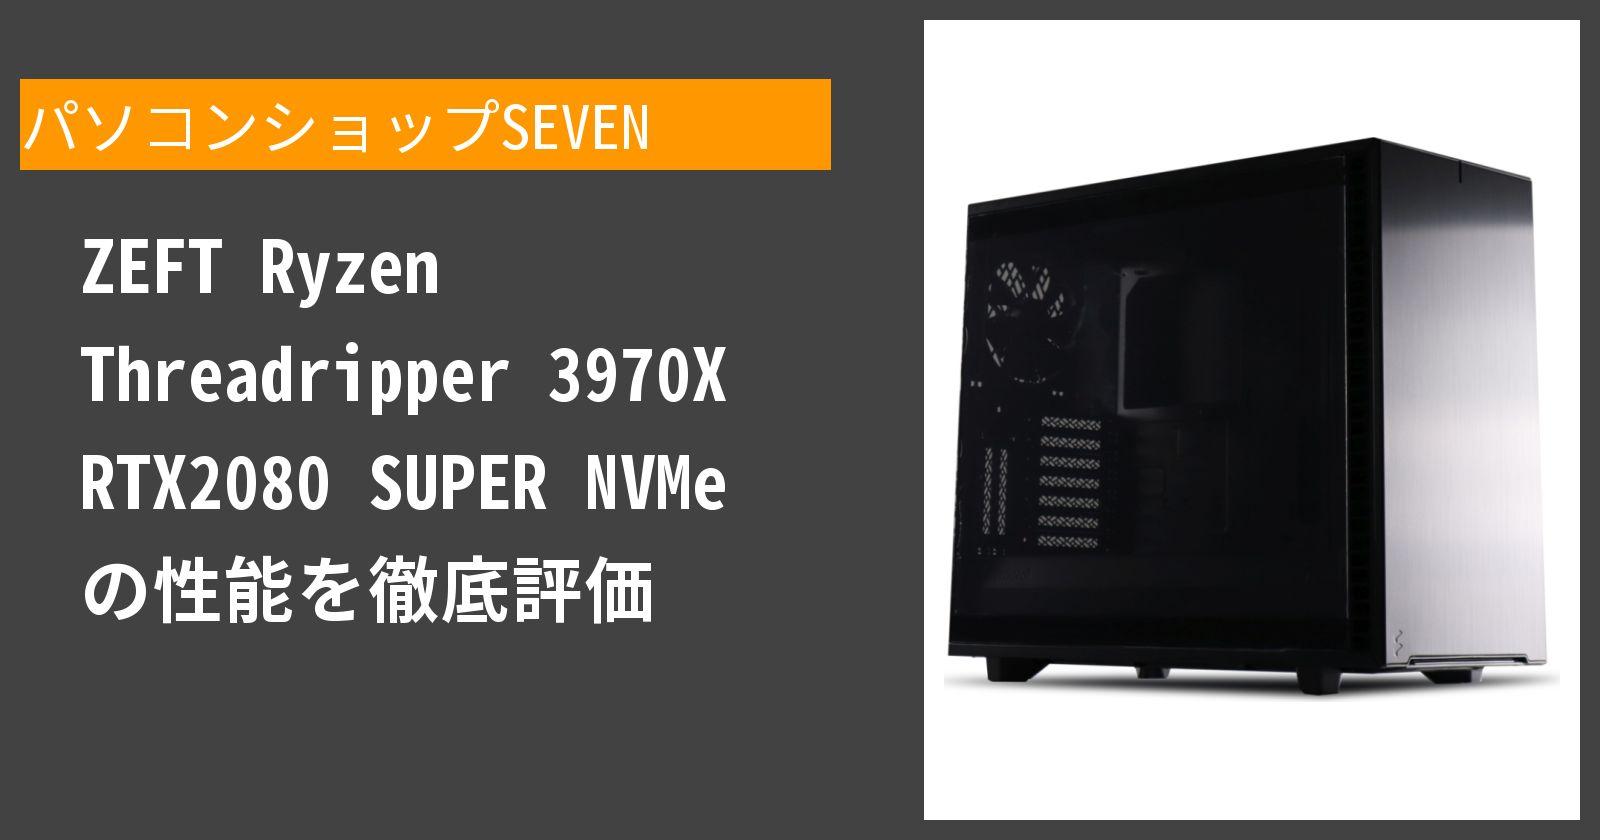 ZEFT Ryzen Threadripper 3970X RTX2080 SUPER NVMe の性能を徹底評価